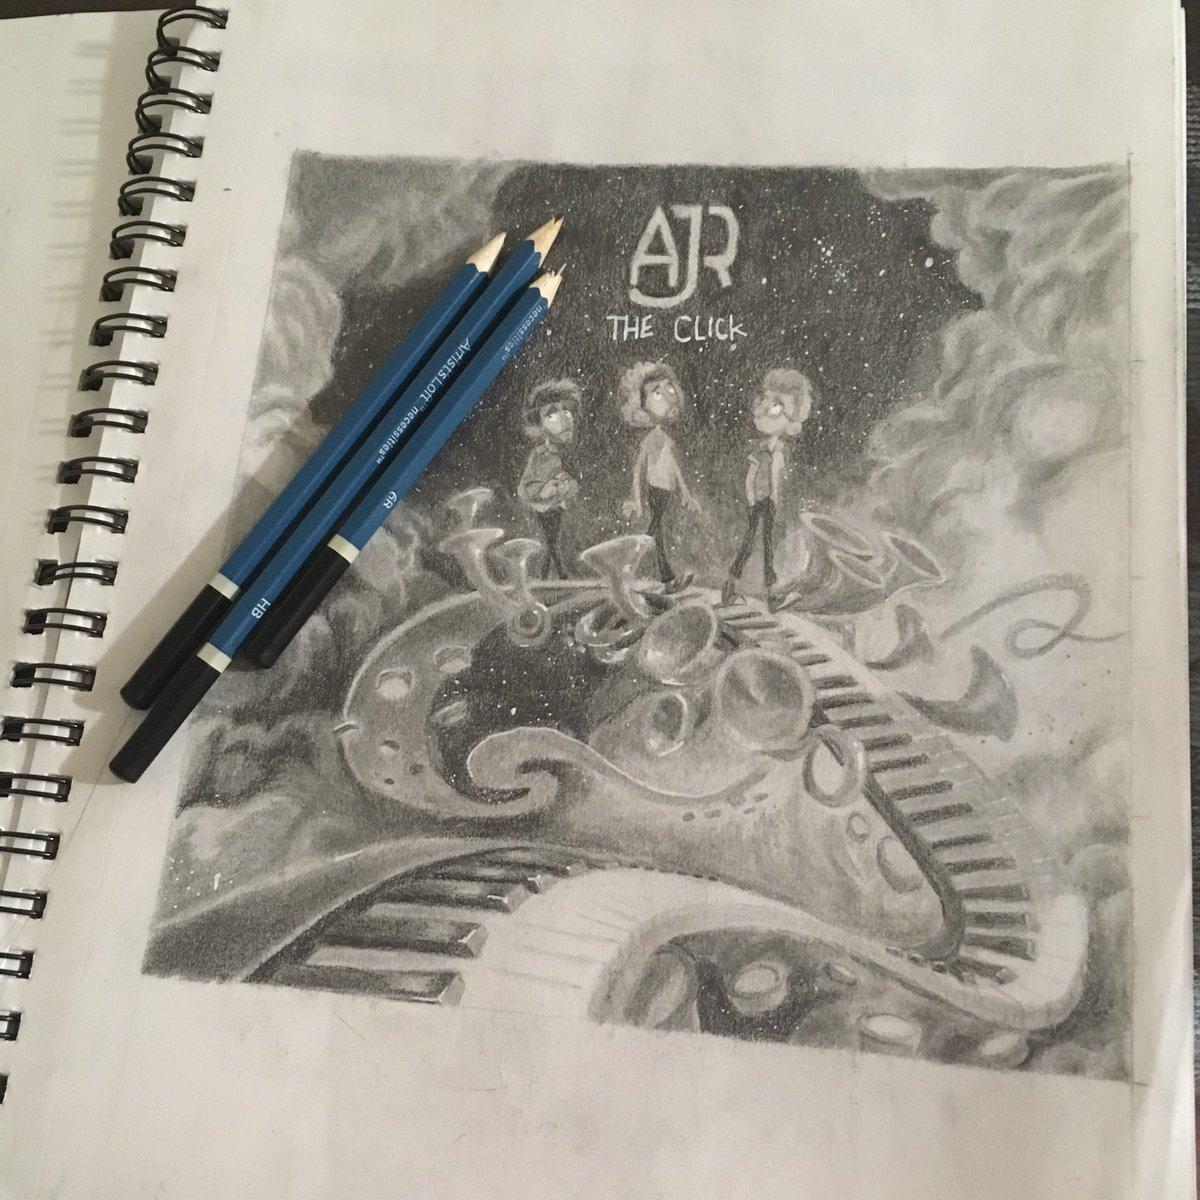 Ajr Best Songs